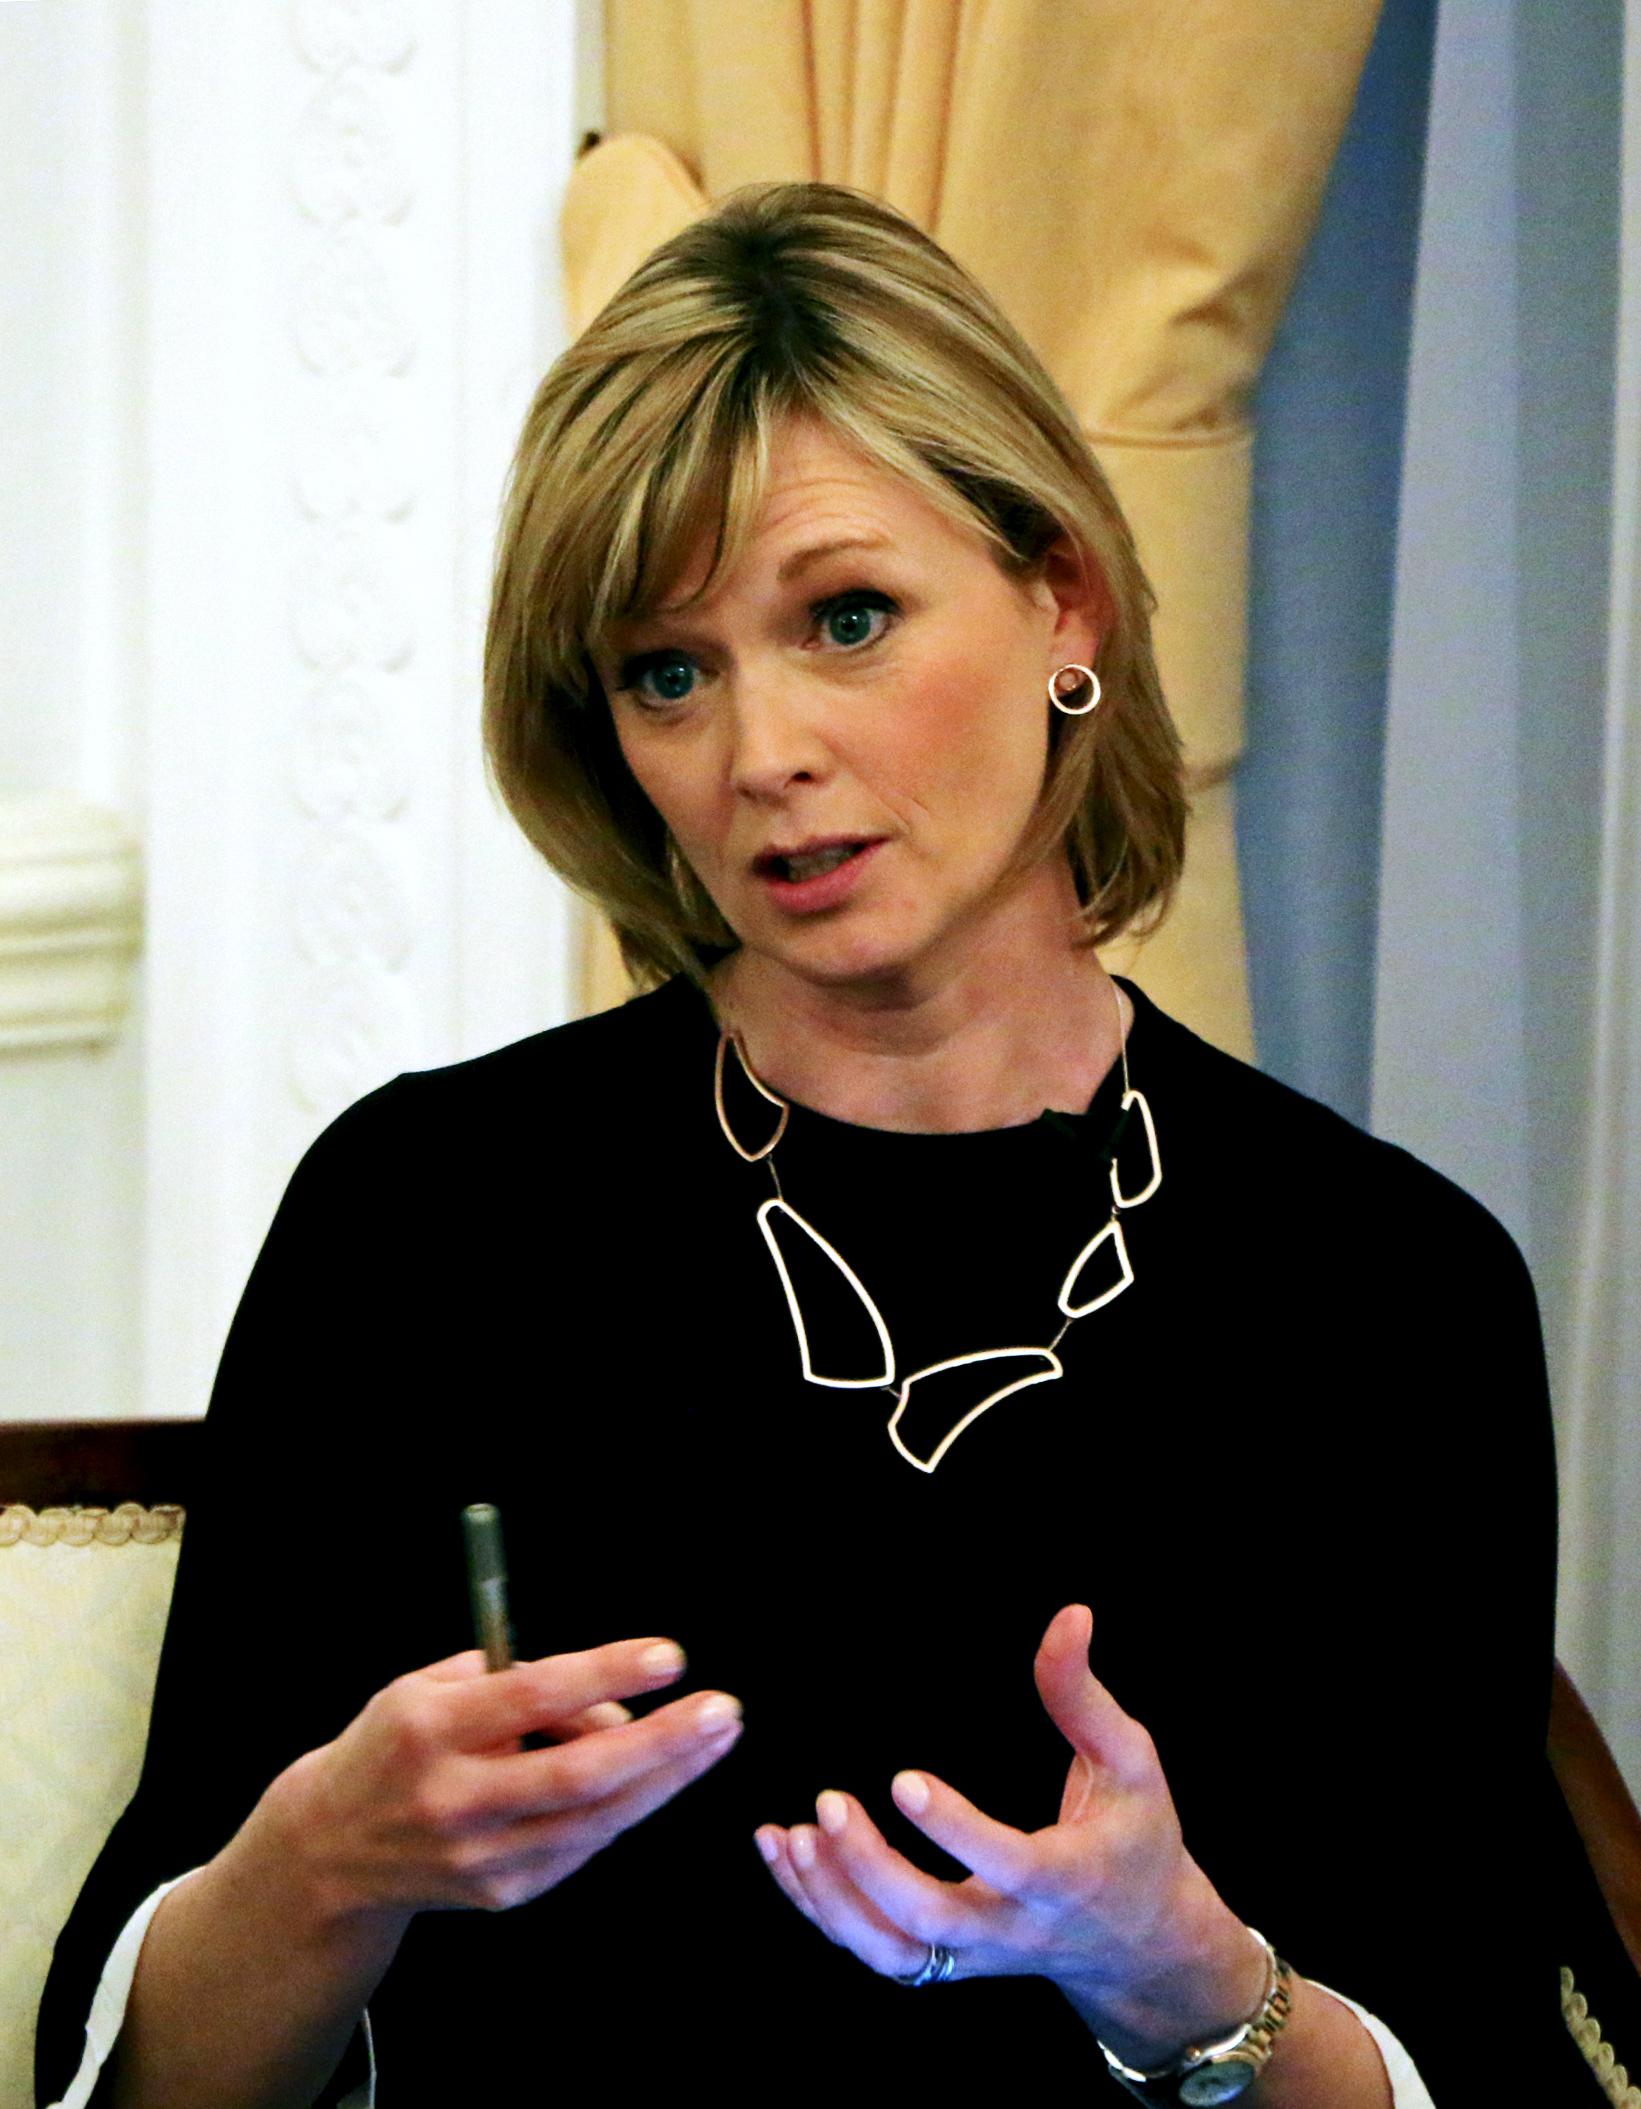 Julie Ann Hot julie etchingham - wikipedia